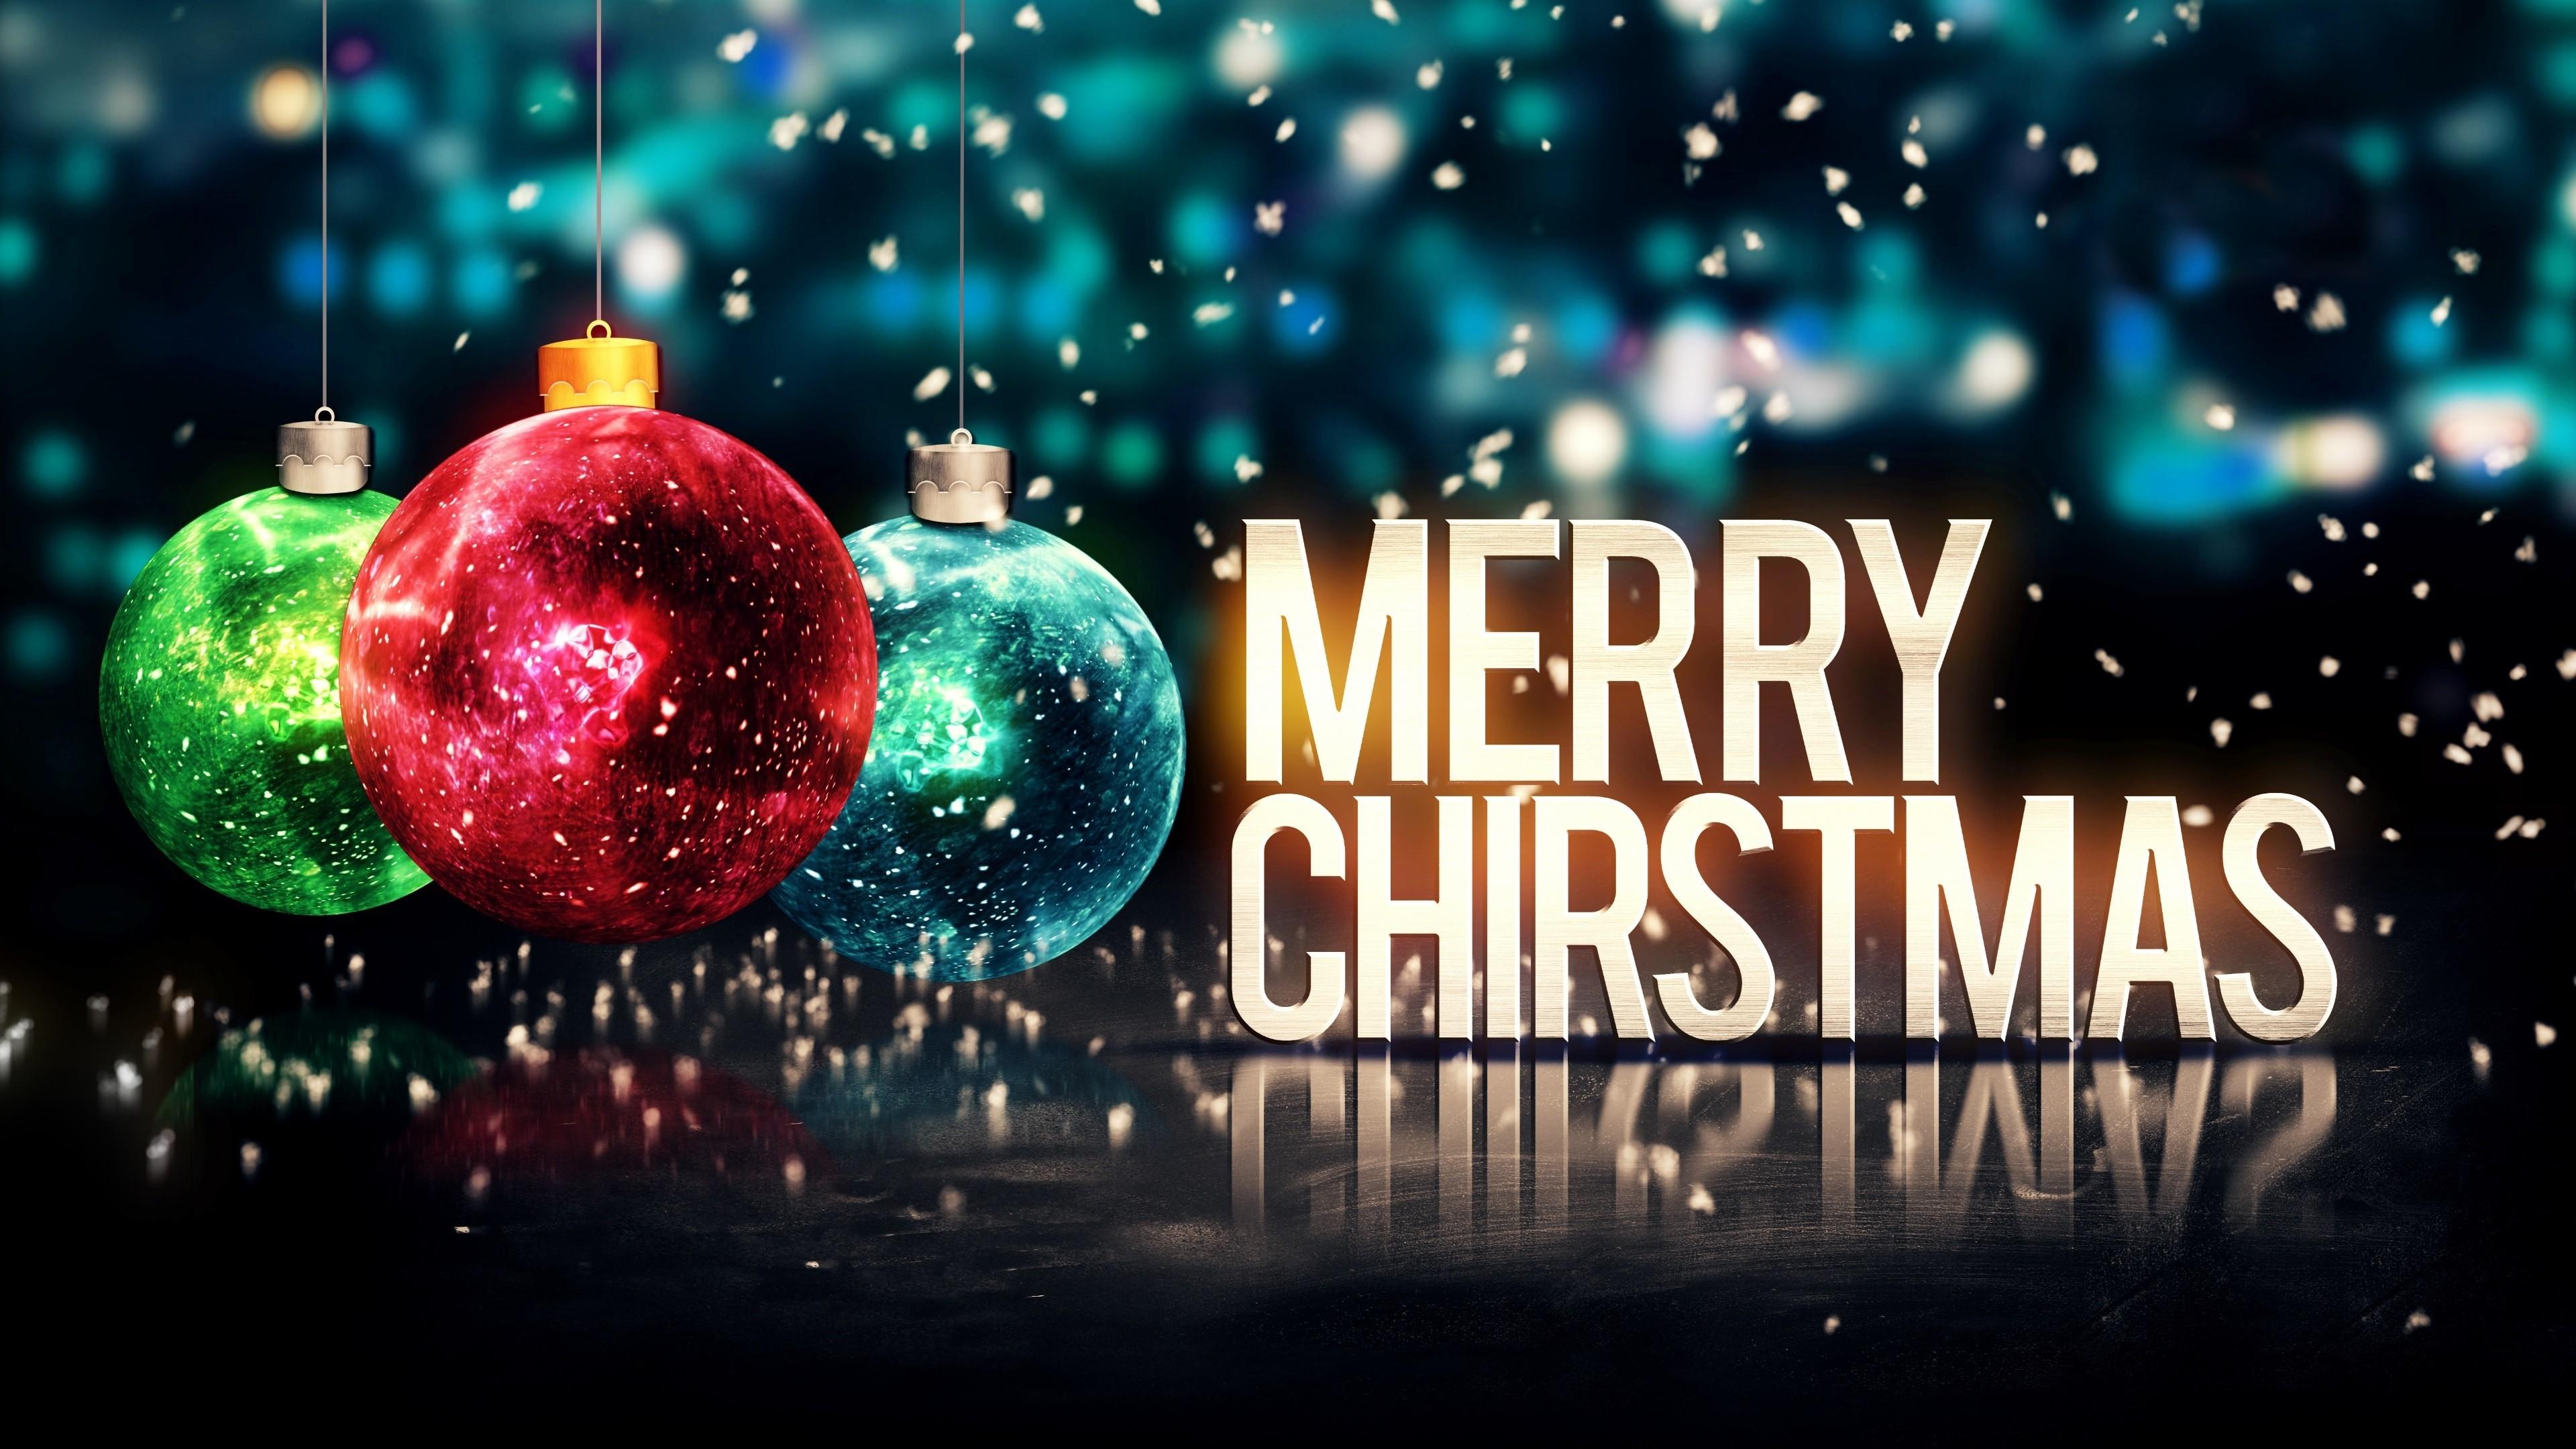 1297926 beautiful christmas wallpaper for mac 3840x2160 pc